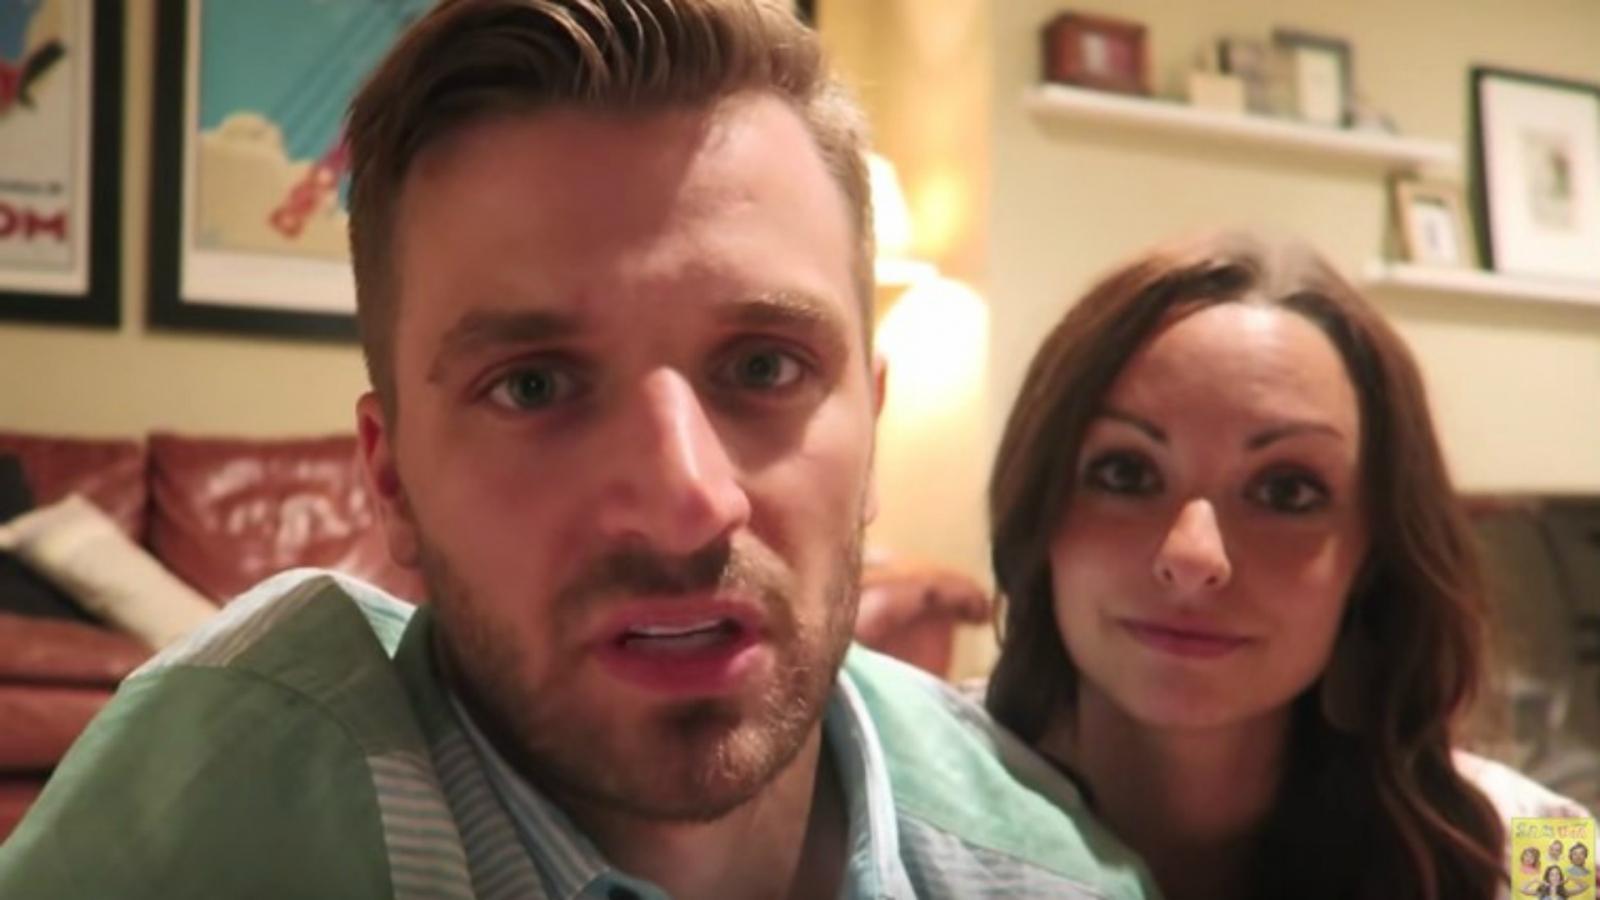 Sam and Nia